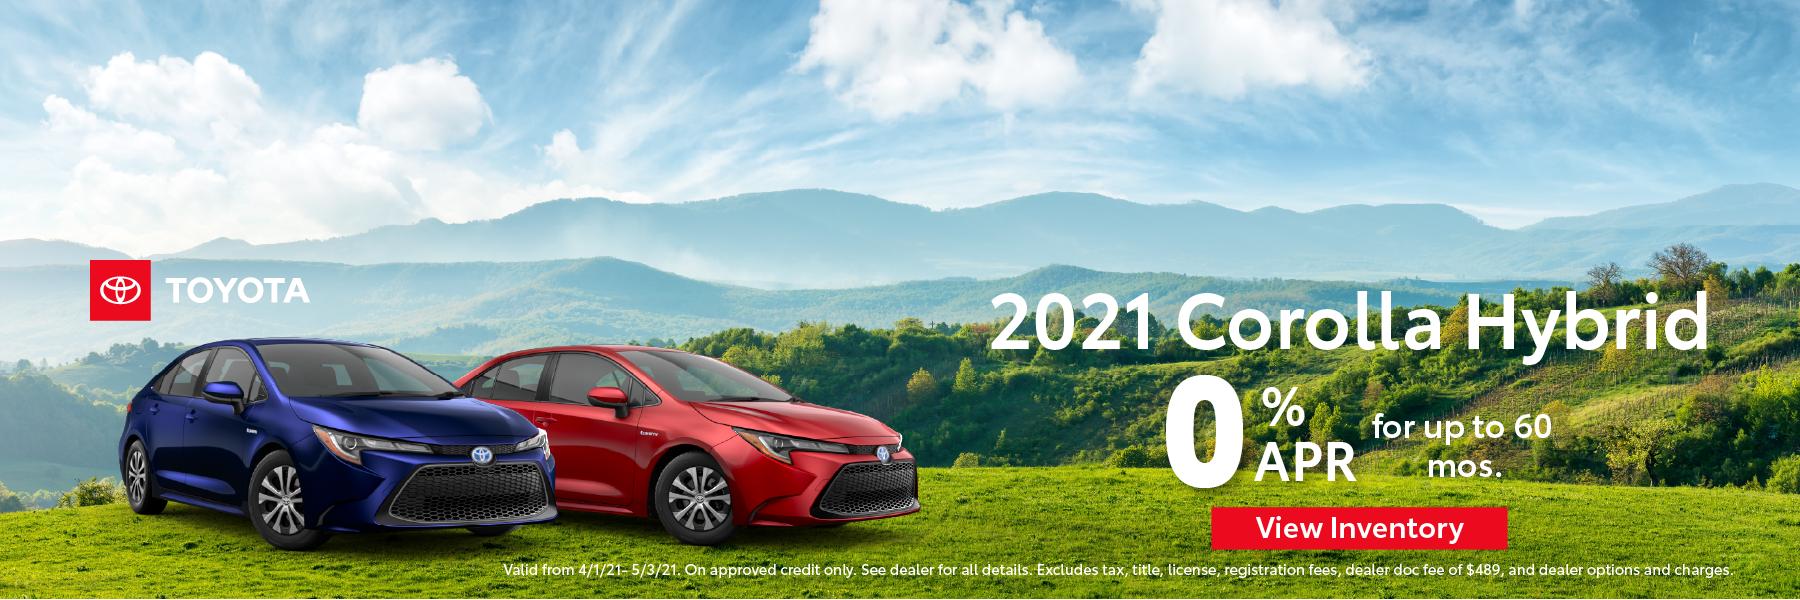 April 2021 – Corolla Hybrid 0% APR